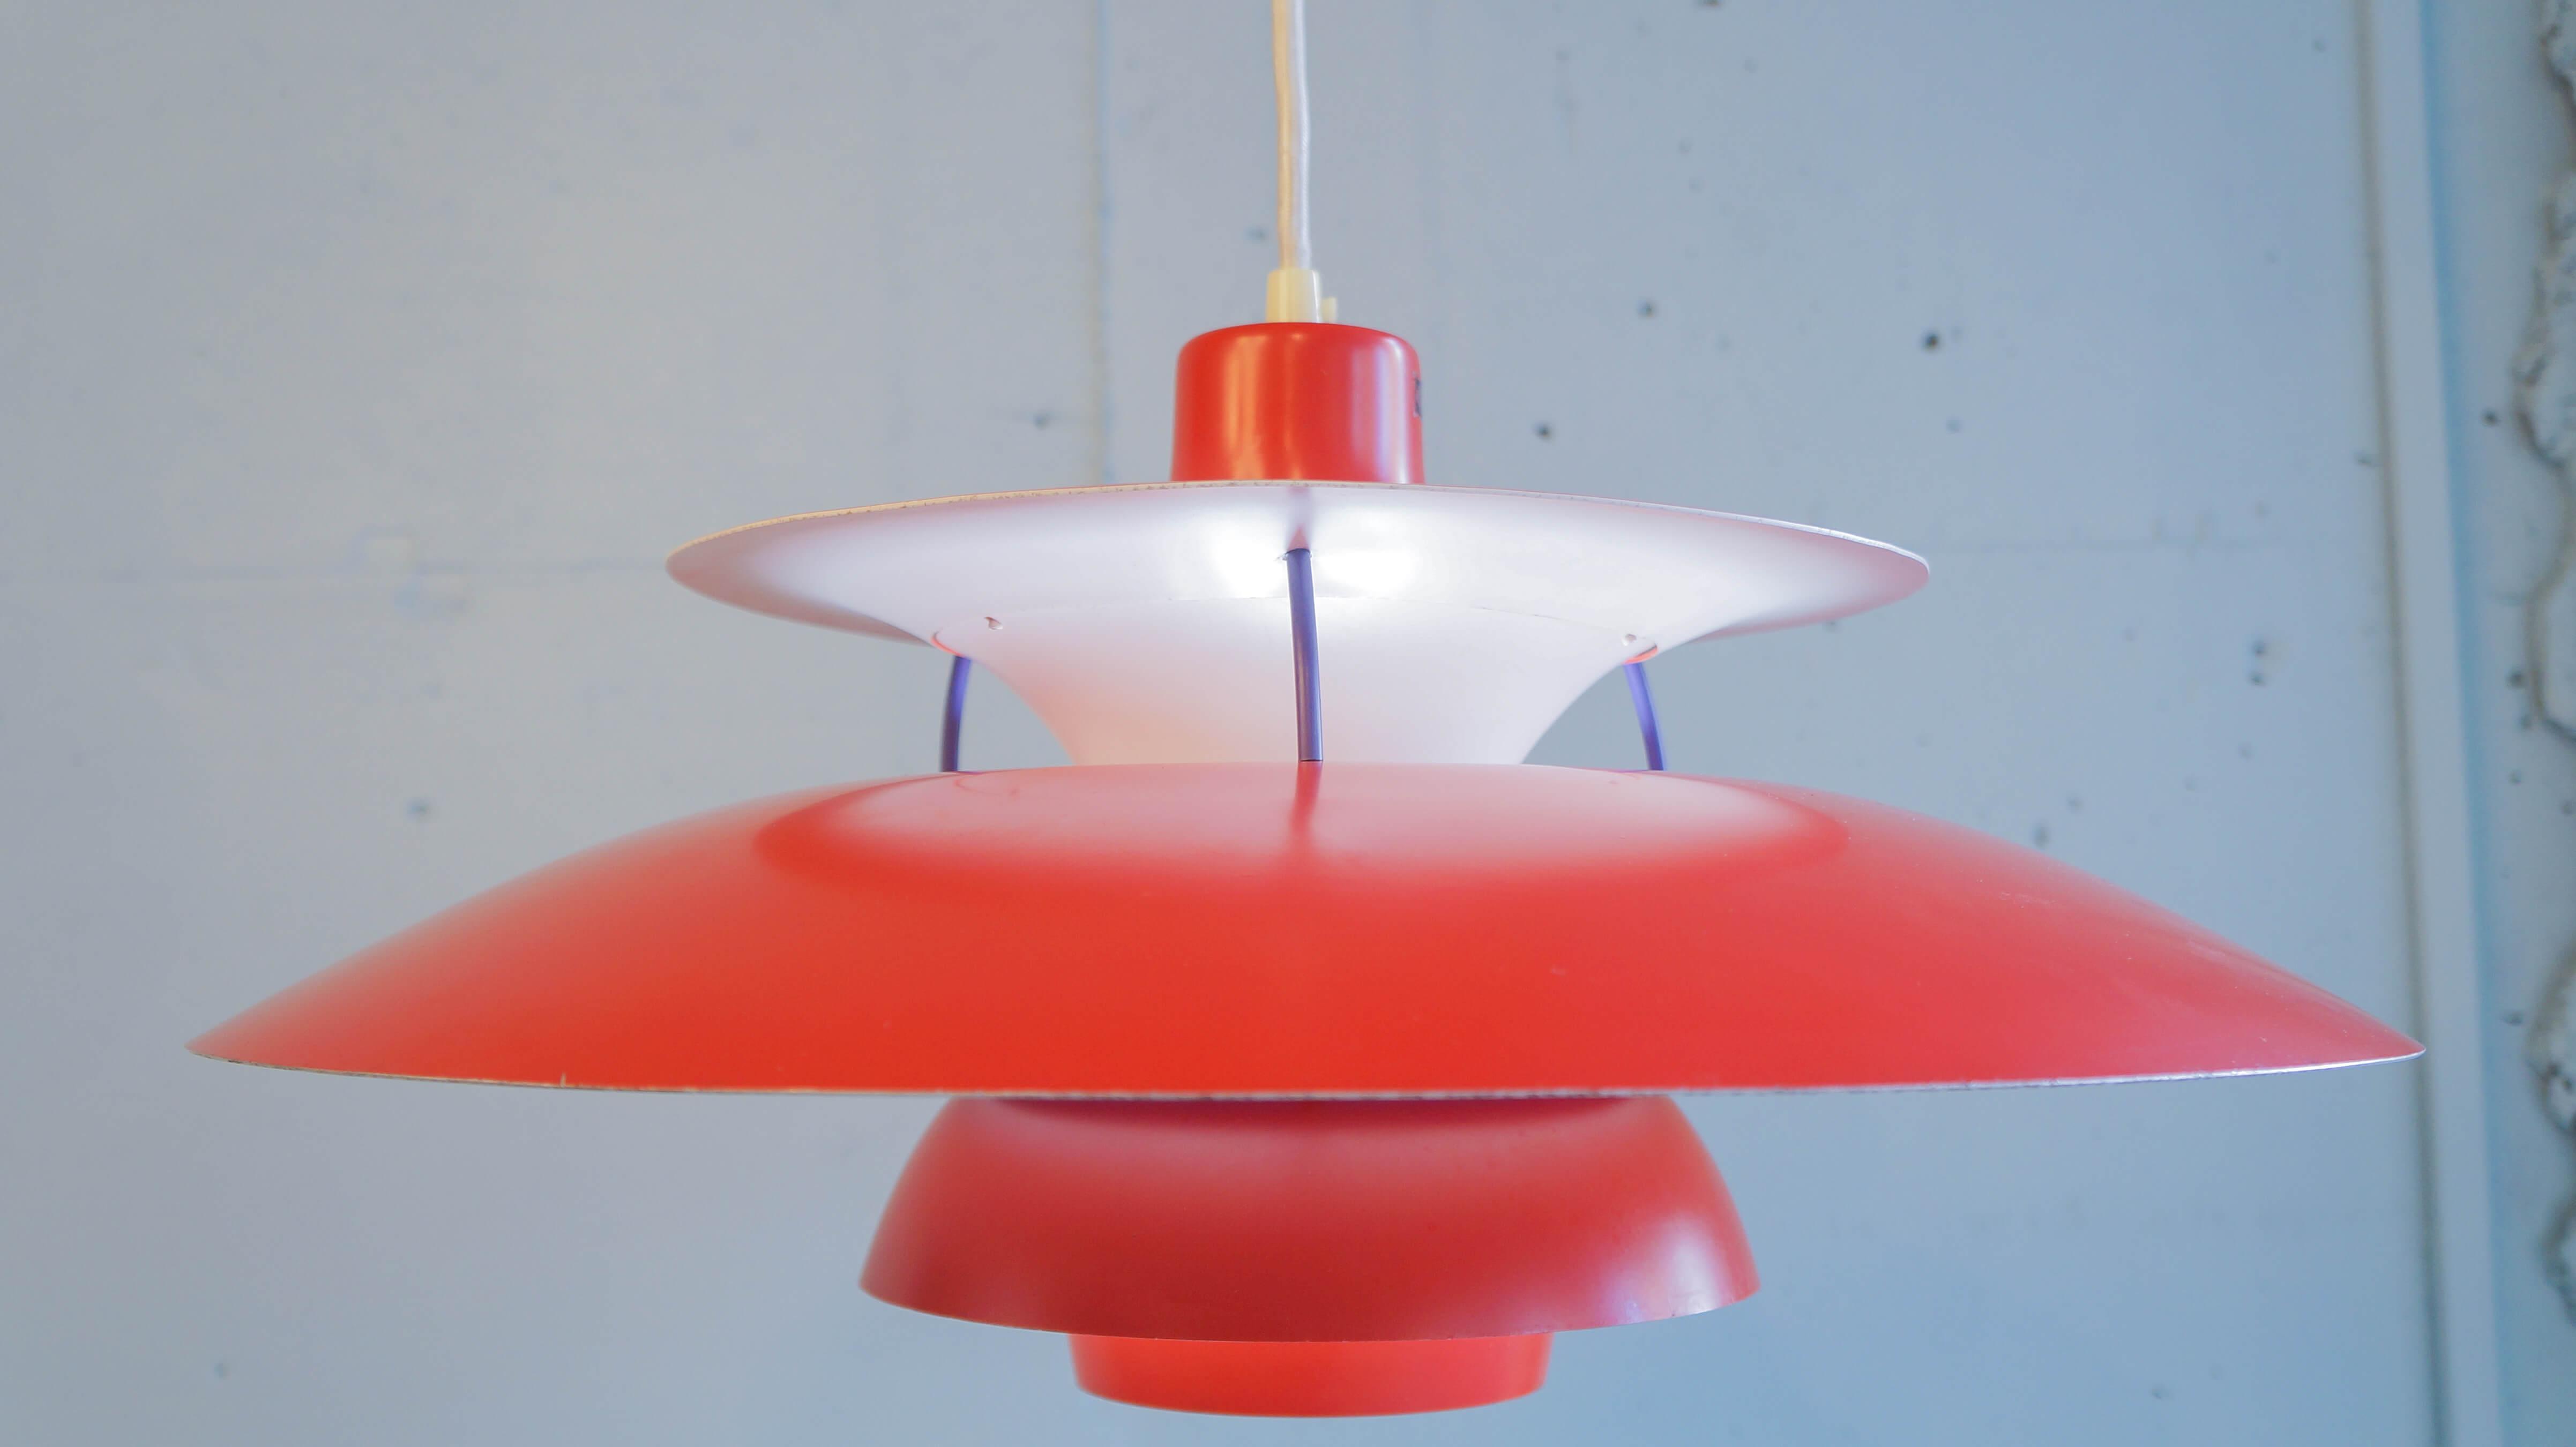 """ouis poulsen ルイスポールセン """" PH5 """" yamagiwa POUL HENNINGSEN北欧照明の定番、1958年発売以来 世界中で愛されている照明、『PH5』 そんなPH5の中でも希少な70年代の赤色のシェードです。 マッドな赤は現行ではないカラーで、上質なレッドは空間のアクセントに、 光は北欧の夕焼けのような灯りへ変換してくれます。 数々の名作照明を生み出したポール・ヘミングセンの中でも 世界的に有名なシリーズの一つ【 PH4/3 】 同シリーズの『PH5』が上方向にも光を放つのに対し、 PH4/3は下方向だけに光を集中して光を放つコンパクトなペンダントライトです。 電球は100wまで取り付けが可能で強く眩しい光を数学的な設計のシェードで、 優しく暖かみのある光へ変換します。 消灯時もお部屋のアクセントとして空間を彩り、 様々なインテリアに対応可能なデザインです。LouisPoulsen,ルイスポールセン PH4 / 3 , 照明,デンマーク北欧,ヴィンテージ,北欧デザイン,北欧 ライト,フロア,ランプランプ,denmark,scandinavian,照明,scandinavian vintage,vintage,北欧,北欧雑貨,中古,東京都,杉並区,阿佐ヶ谷,北,アンティーク,ショップ,古一,ZACK,高円寺,店,古,一,出張,無料,買取,杉並区,周辺,世田谷区,目黒区,武蔵野市,新宿区,東京近郊,お見積もり,ビンテージ家具,インテリア雑貨,ランプ,USED品, リサイクル,ふるいち,フルイチ,古一,used,furuichi~【東京都杉並区阿佐ヶ谷北アンティークショップ 古一/ZACK高円寺店】 古一/ふるいちでは出張無料買取も行っております。杉並区周辺はもちろん、世田谷区・目黒区・武蔵野市・新宿区等の東京近郊のお見積もりも!ビンテージ家具・インテリア雑貨・ランプ・USED品・ リサイクルなら古一/フルイチへ~"""